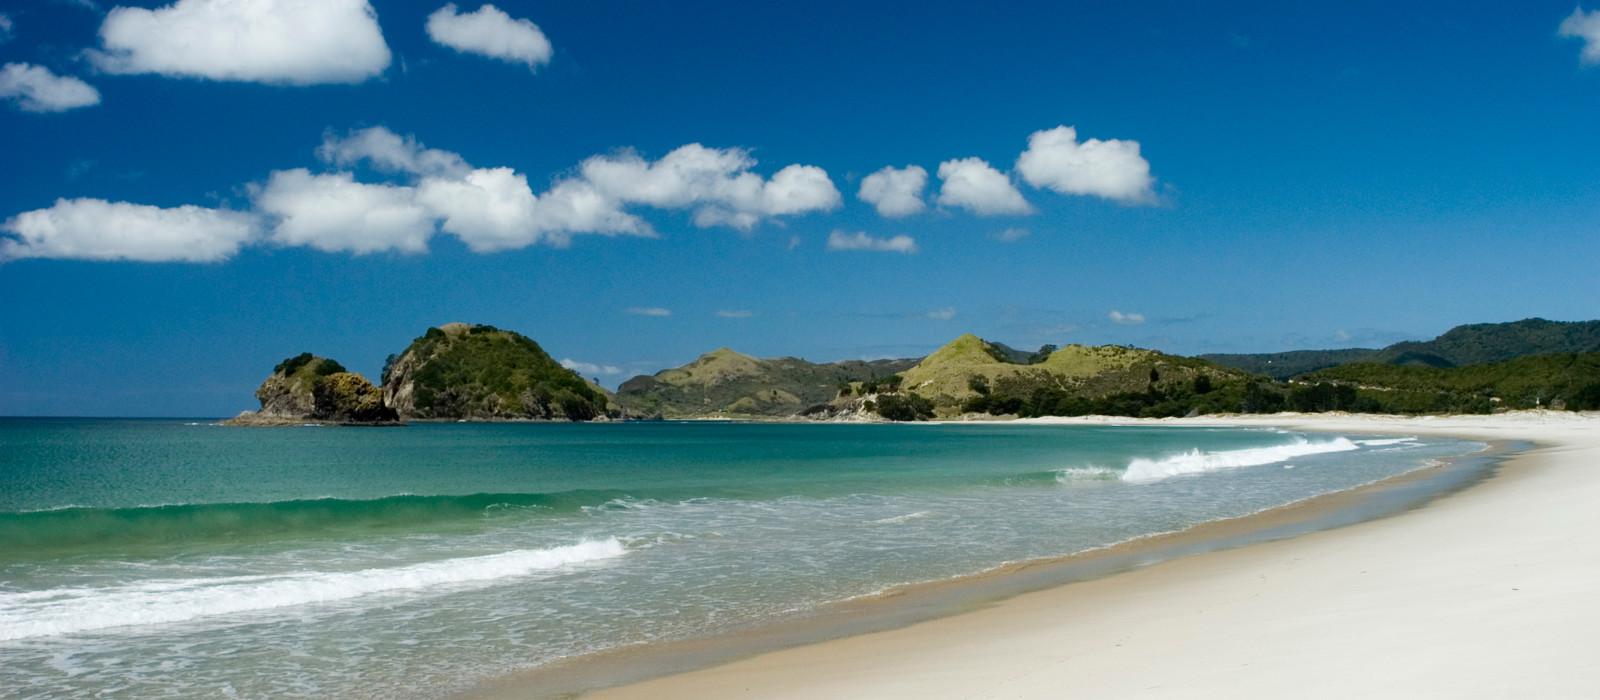 Destination Te Arai New Zealand